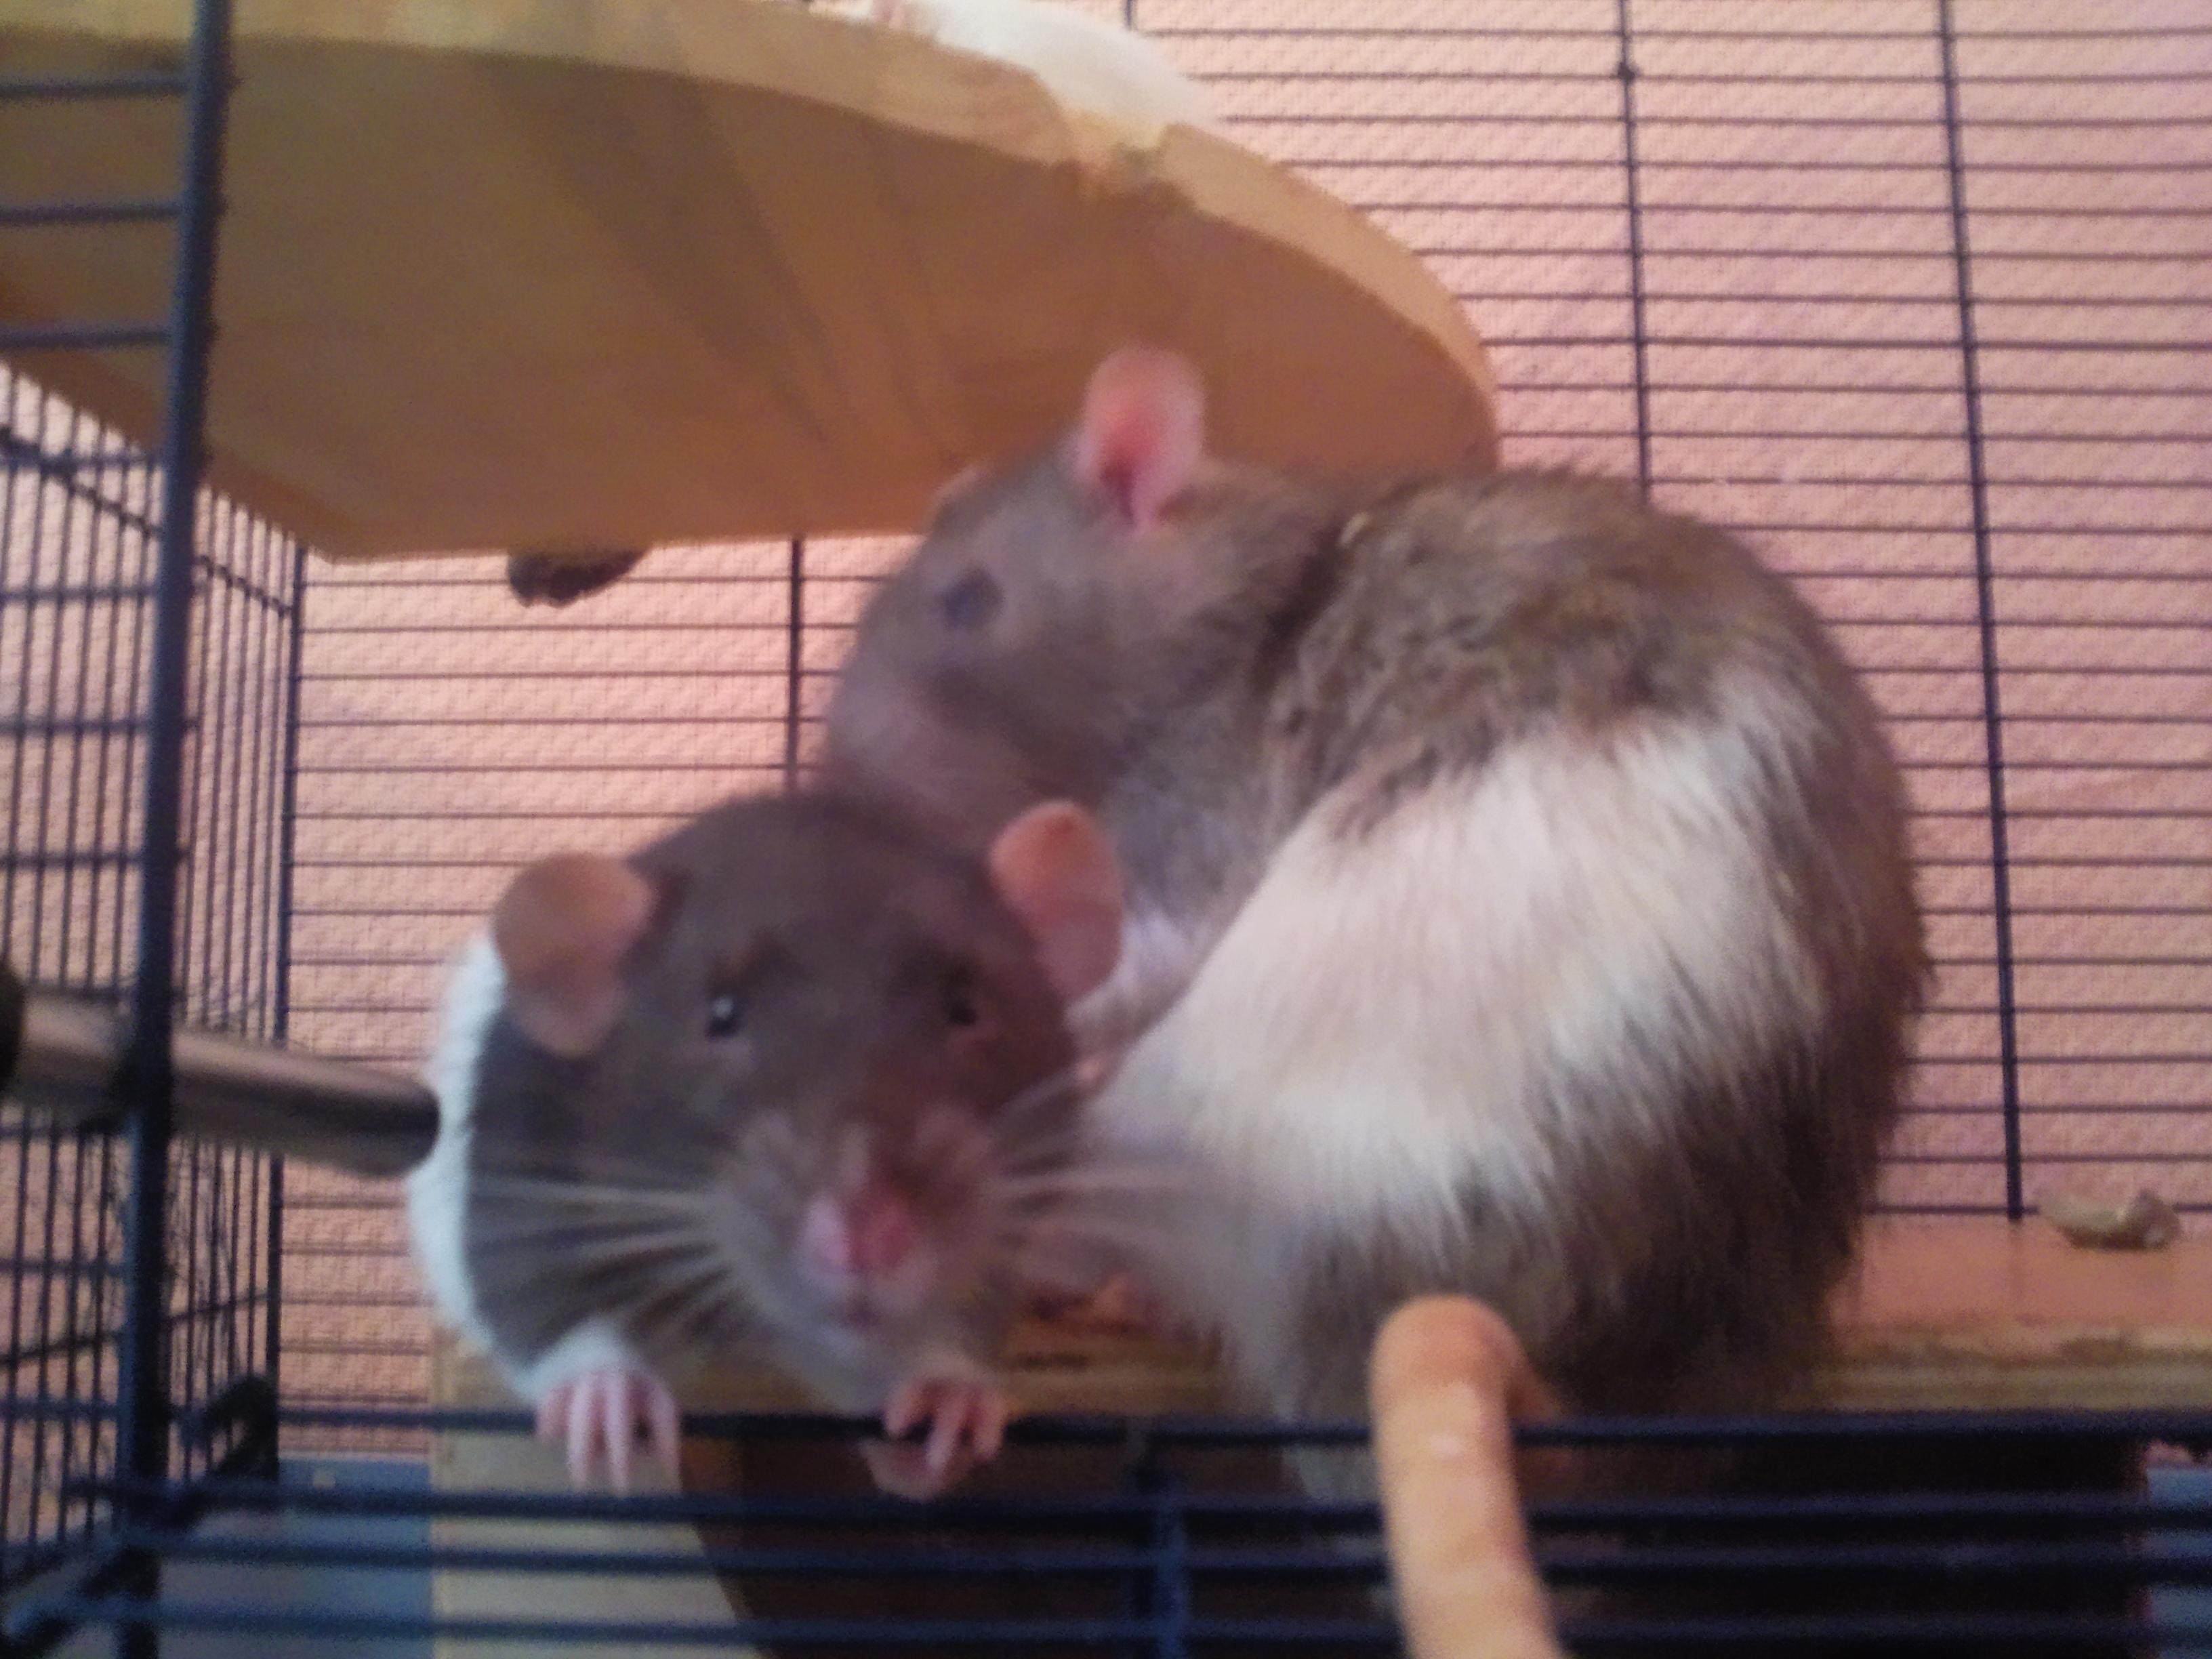 meerschweinchen gegen ratten maqi f r tierrechte gegen speziesismus die etwas andere. Black Bedroom Furniture Sets. Home Design Ideas